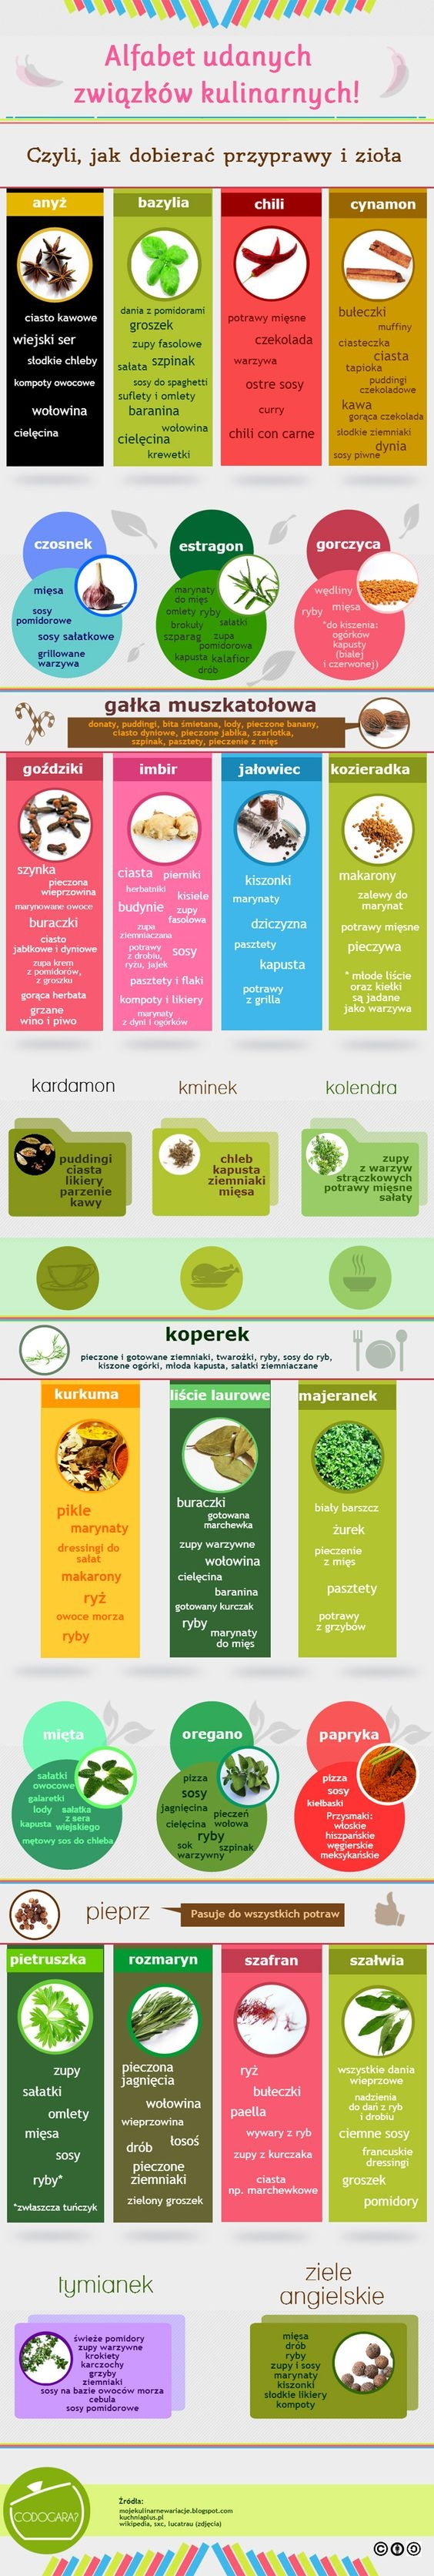 Jak dobierać przyprawy i zioła